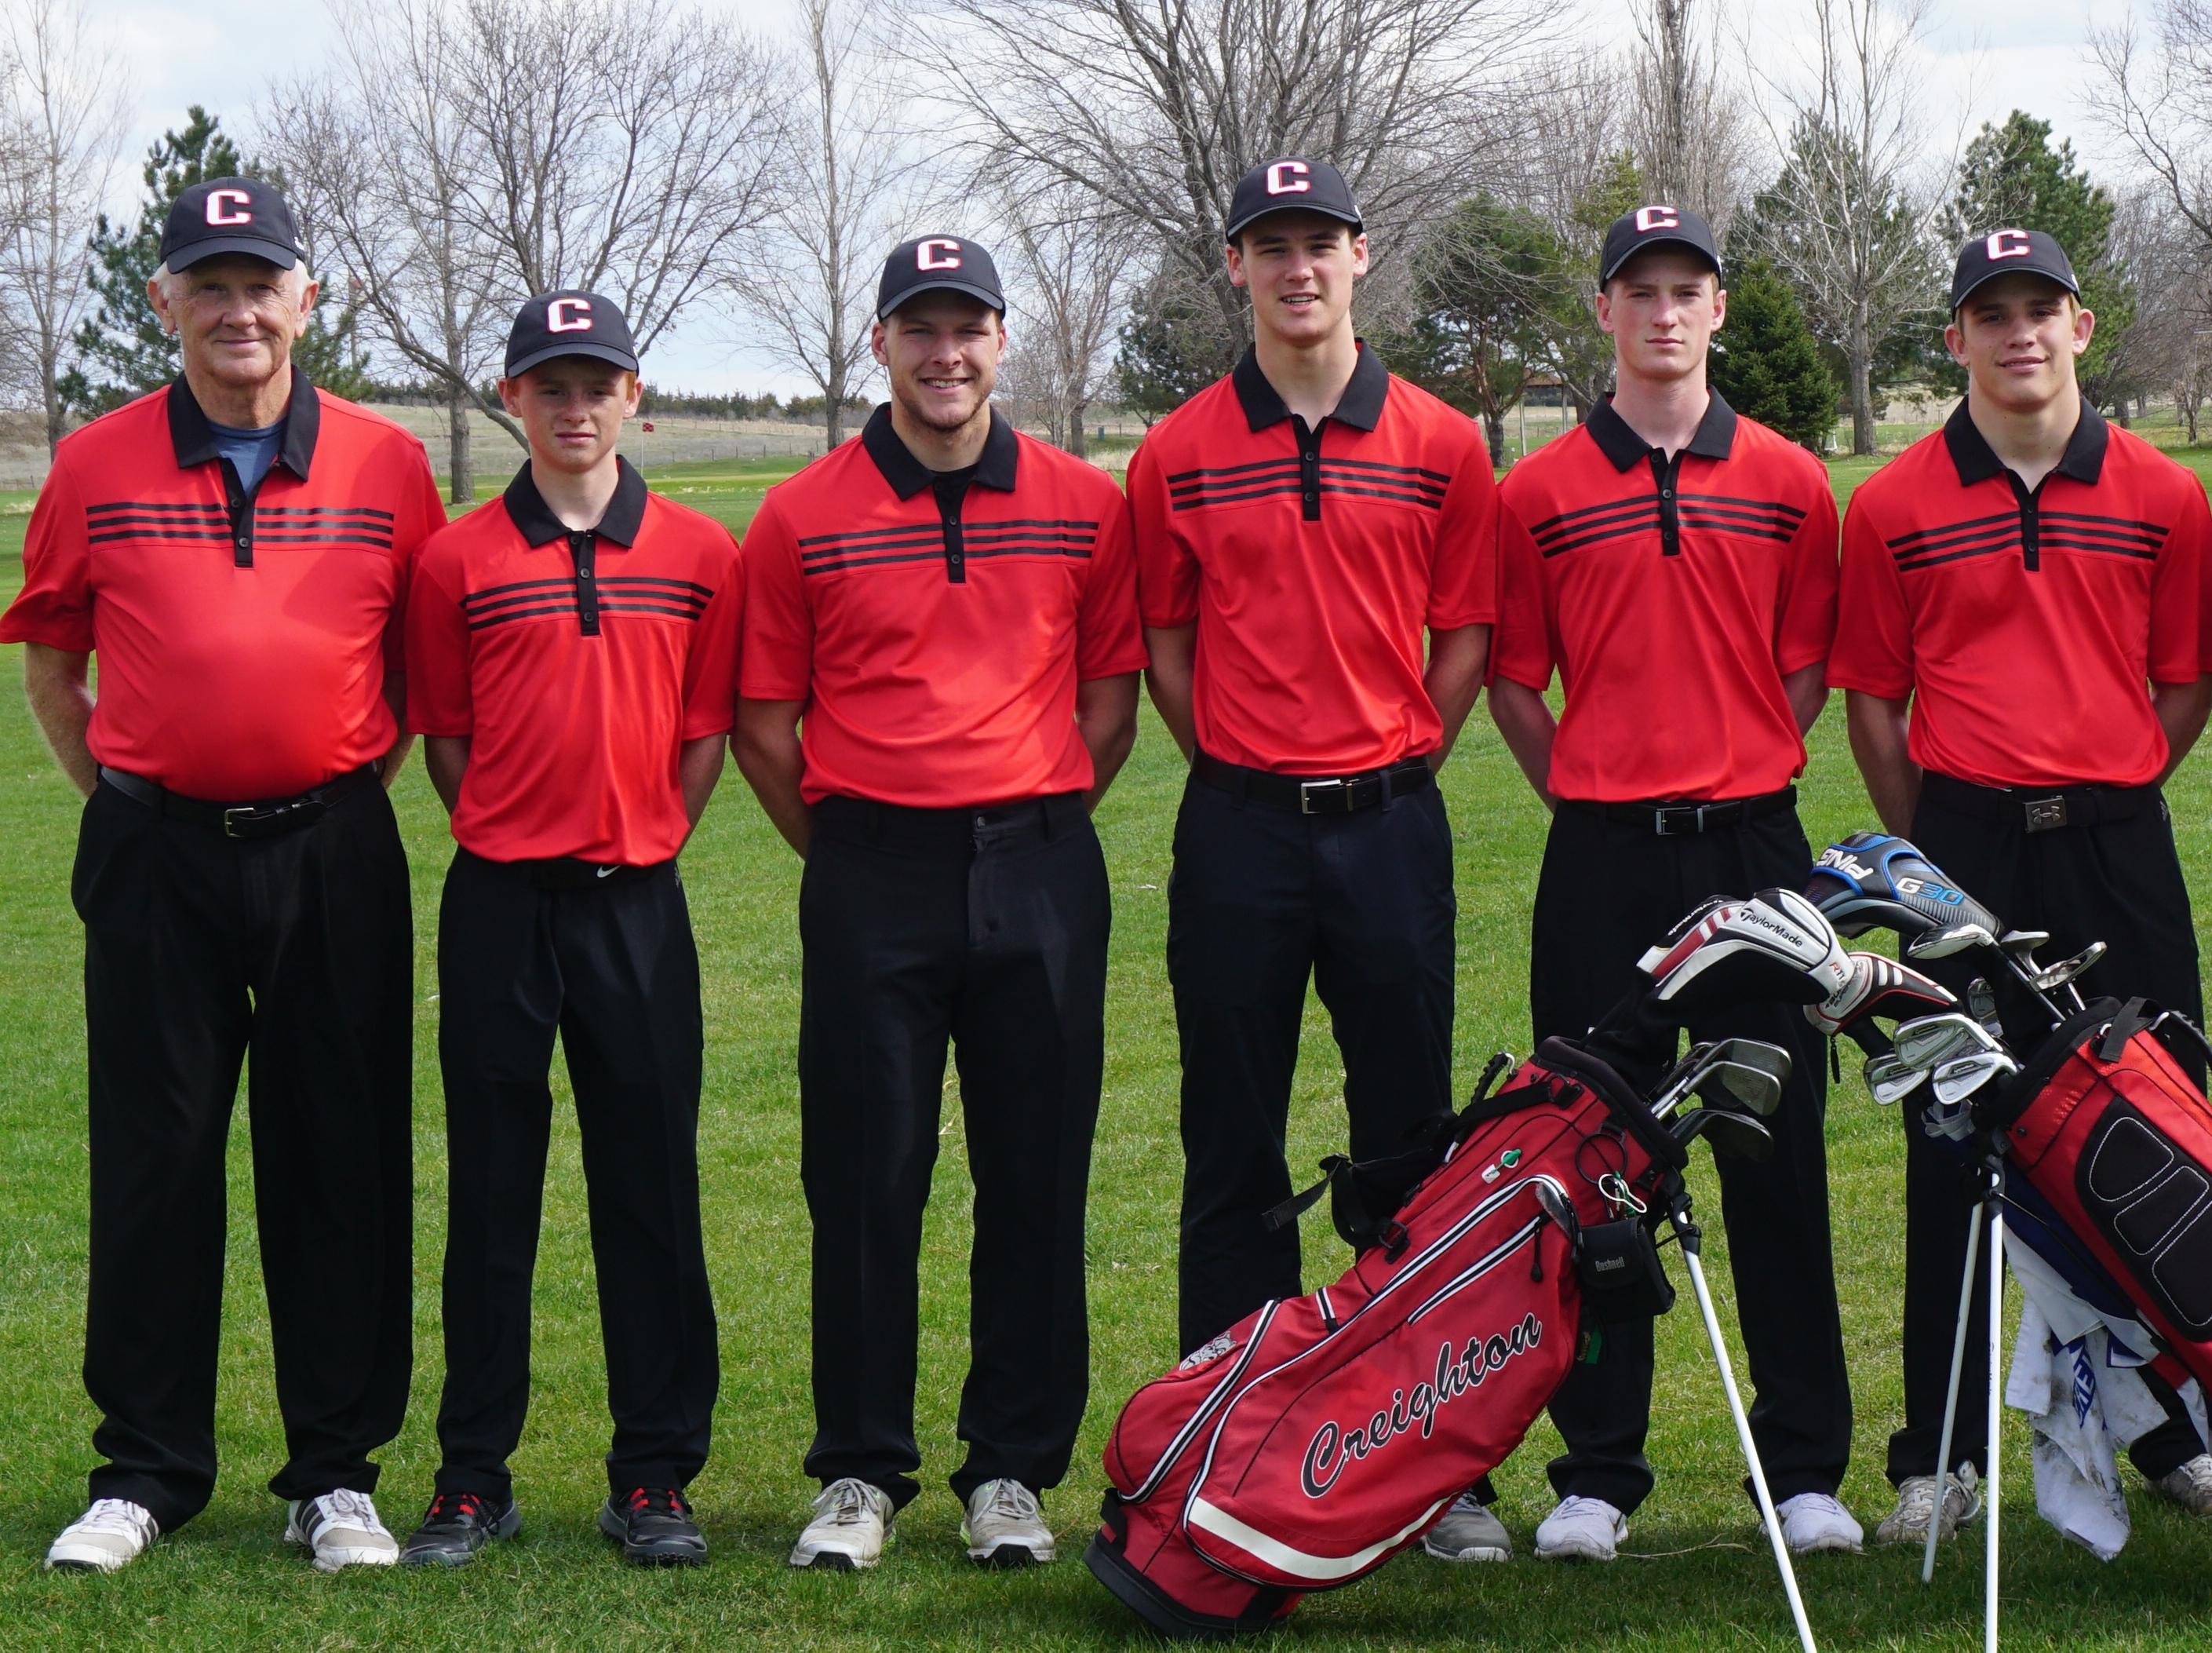 Creighton Community Public Schools - Creighton Golf Team